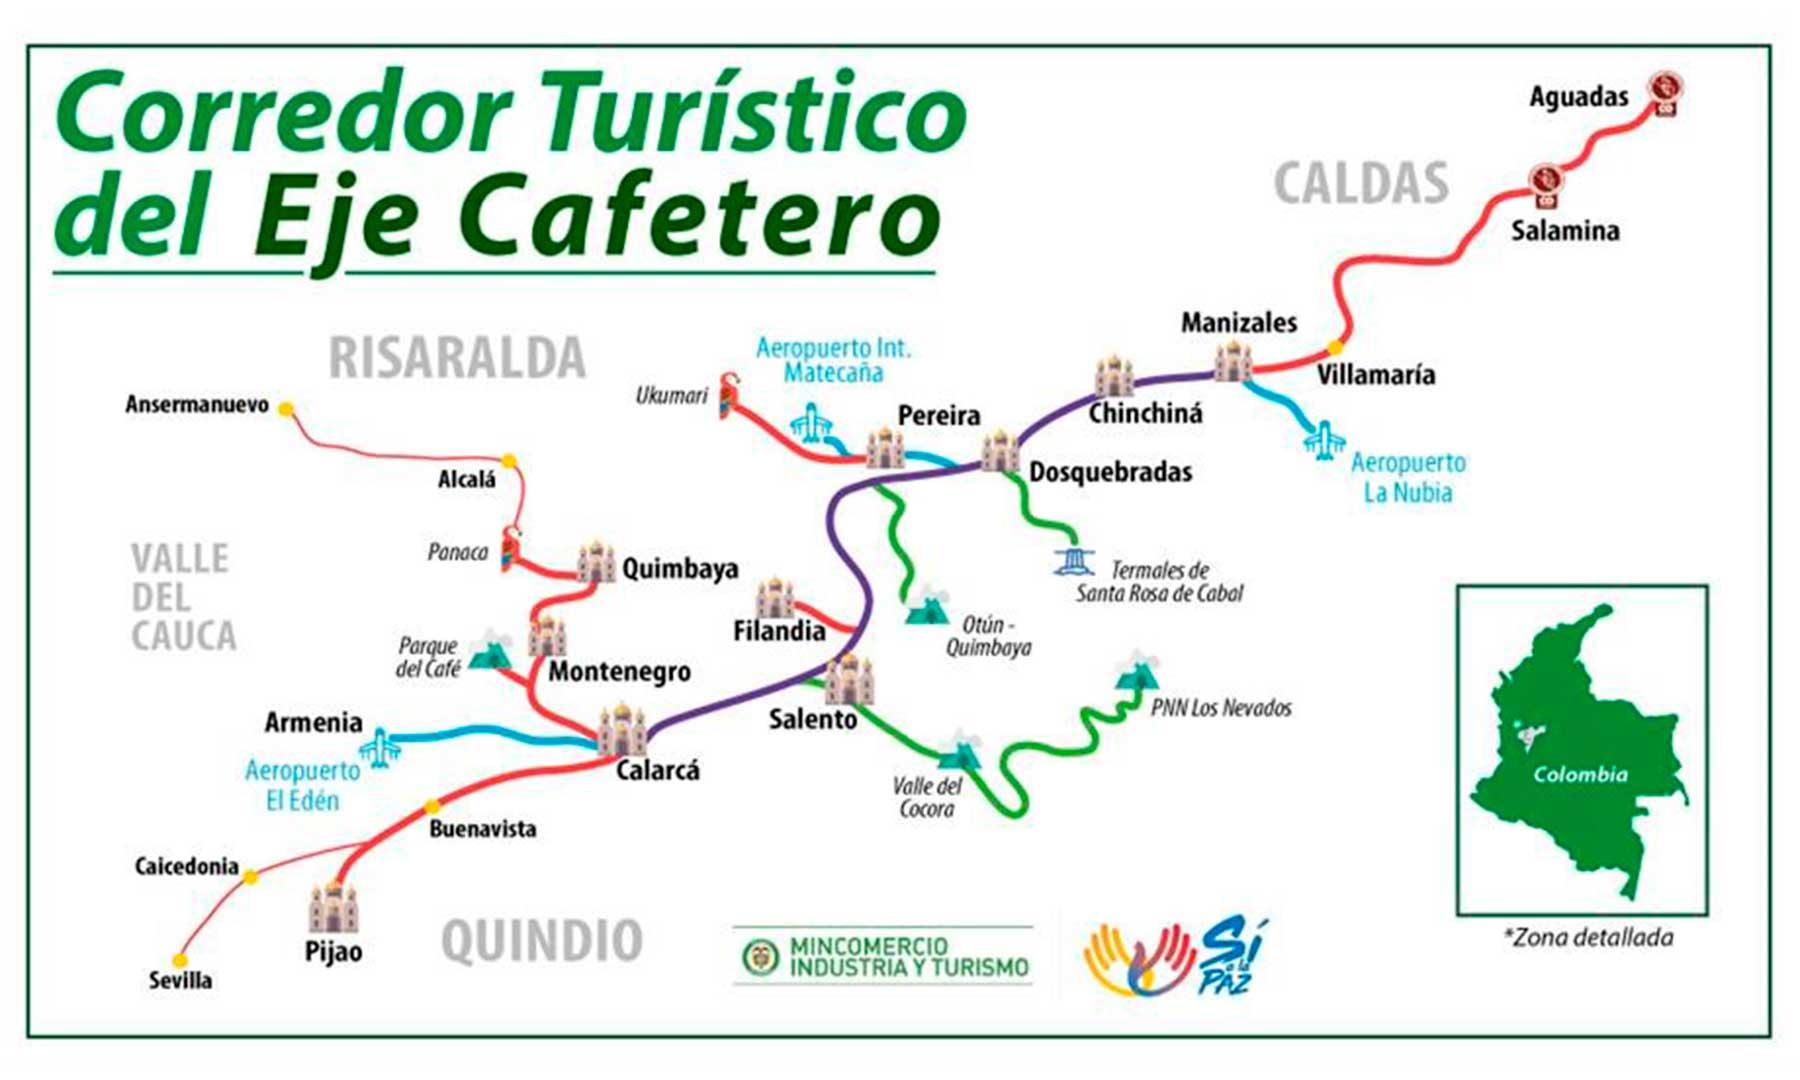 Gobierno lanza en el Eje Cafetero Primer Corredor Turístico Nacional